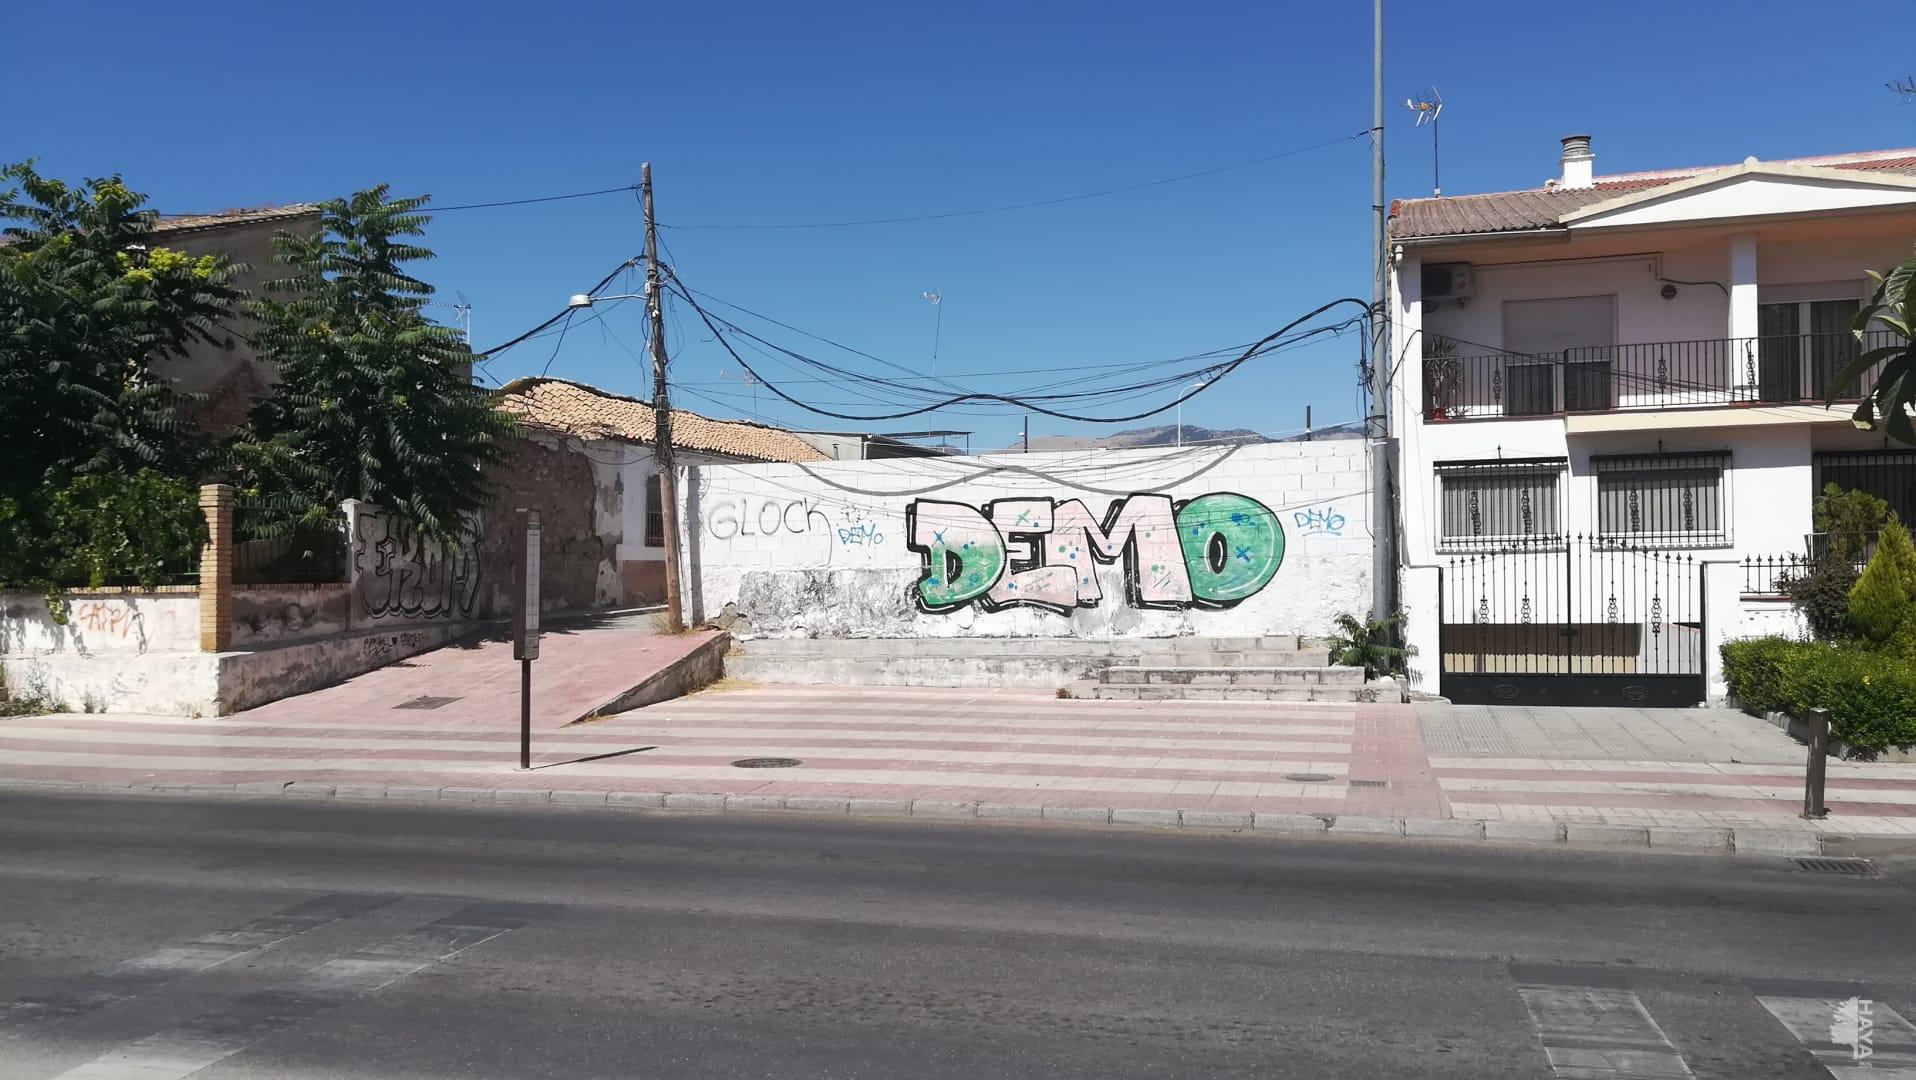 Casa en venta en Cerrillo de Maracena, Granada, Granada, Avenida Macarena, 159.717 €, 1 baño, 528 m2